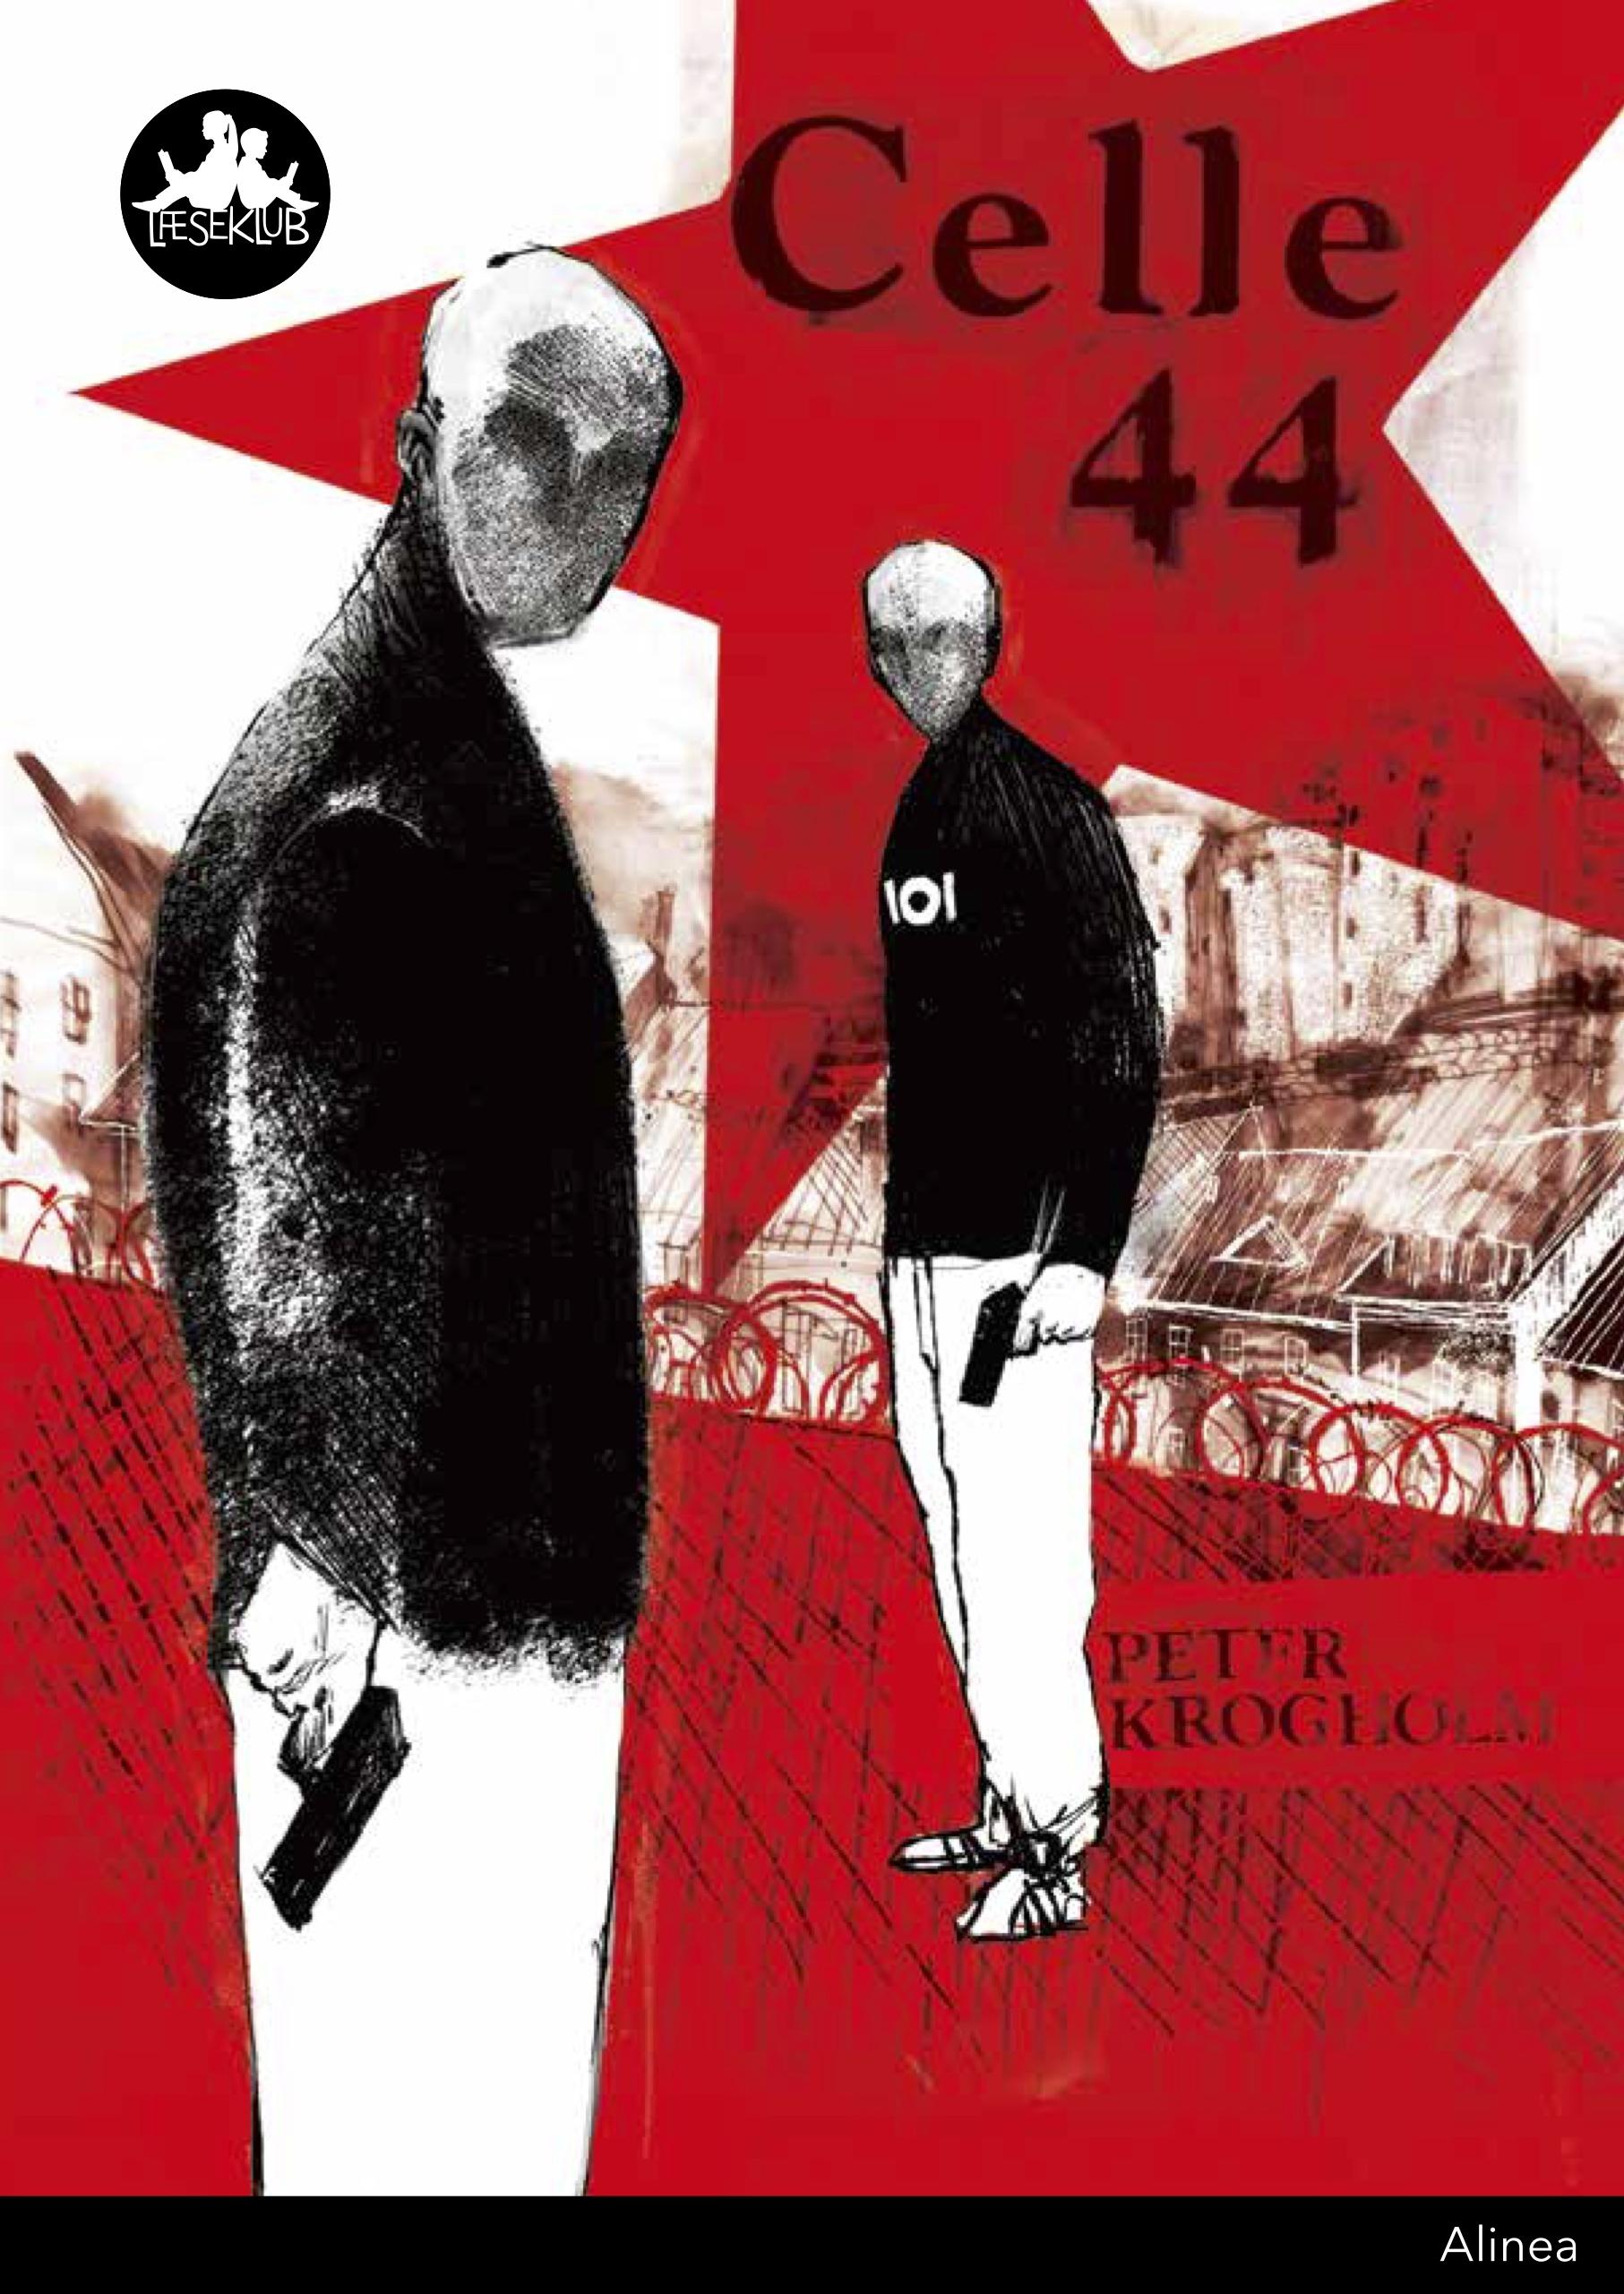 Celle 44 - Peter Krogholm